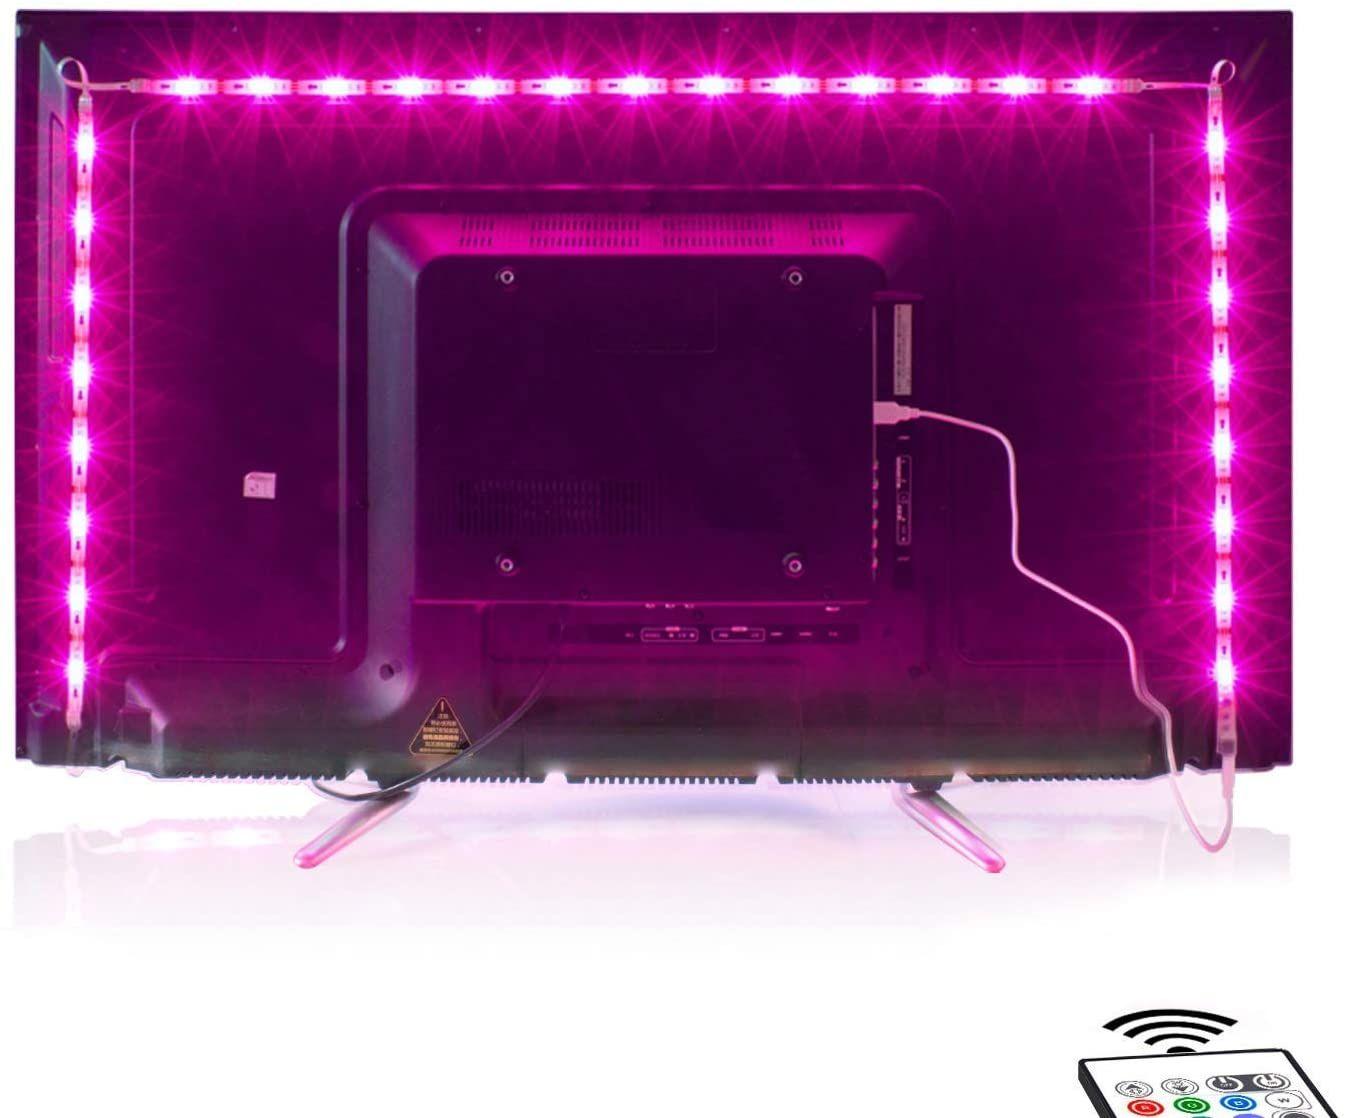 Led Tv Hintergrundbeleuchtung 2m Usb Led Beleuchtung Hintergrundbeleuchtung Fernseher Usb Fur 40 Bis 60 Zoll Hdtv Tv In 2020 Hintergrundbeleuchtung Led Beleuchtung Led